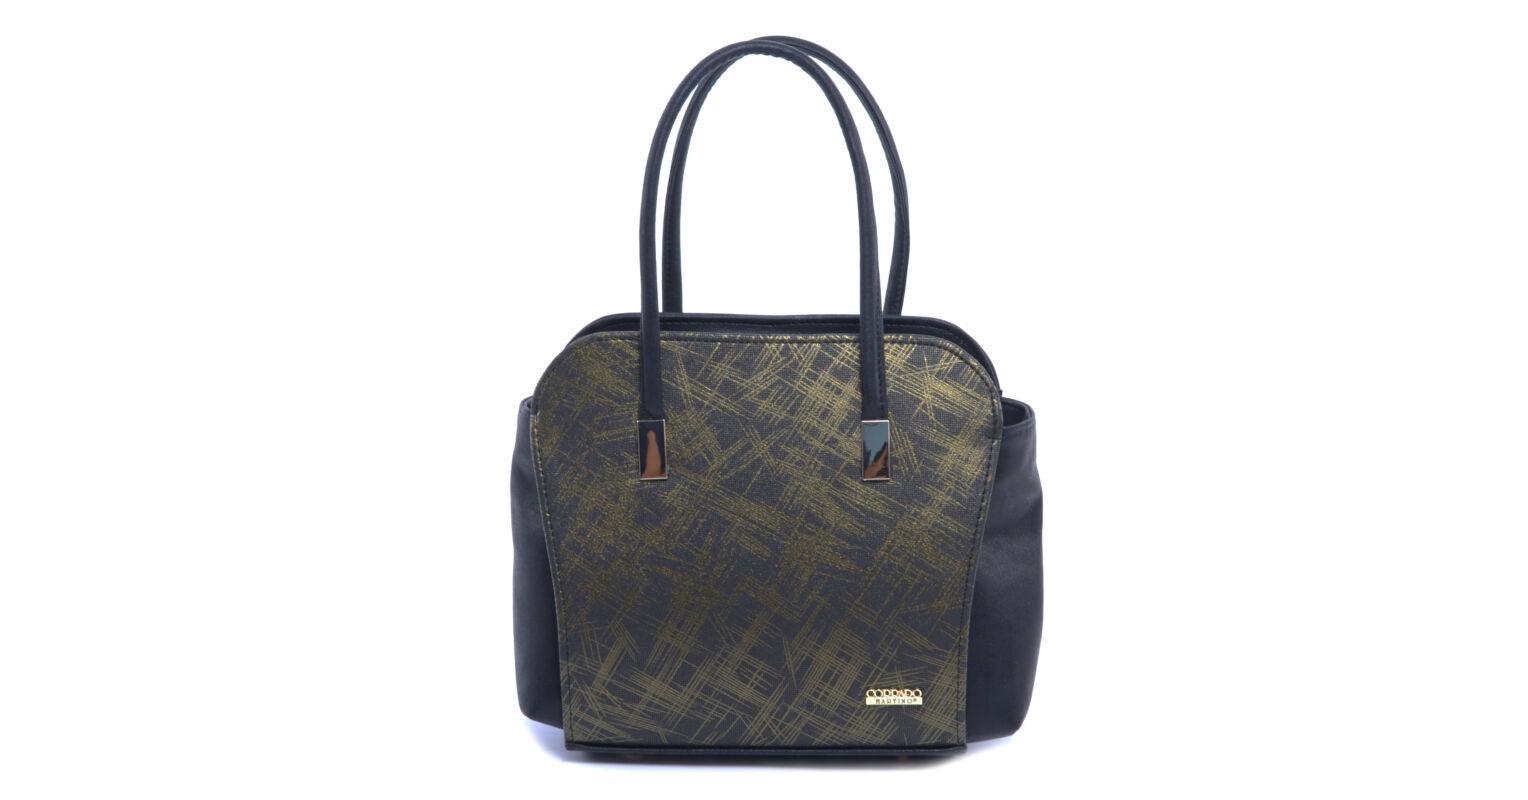 02094a4619ec Nöi Mübör Válltáska Fekete-Zöld - Válltáskák - Táska webáruház - Minőségi  táskák mindenkinek